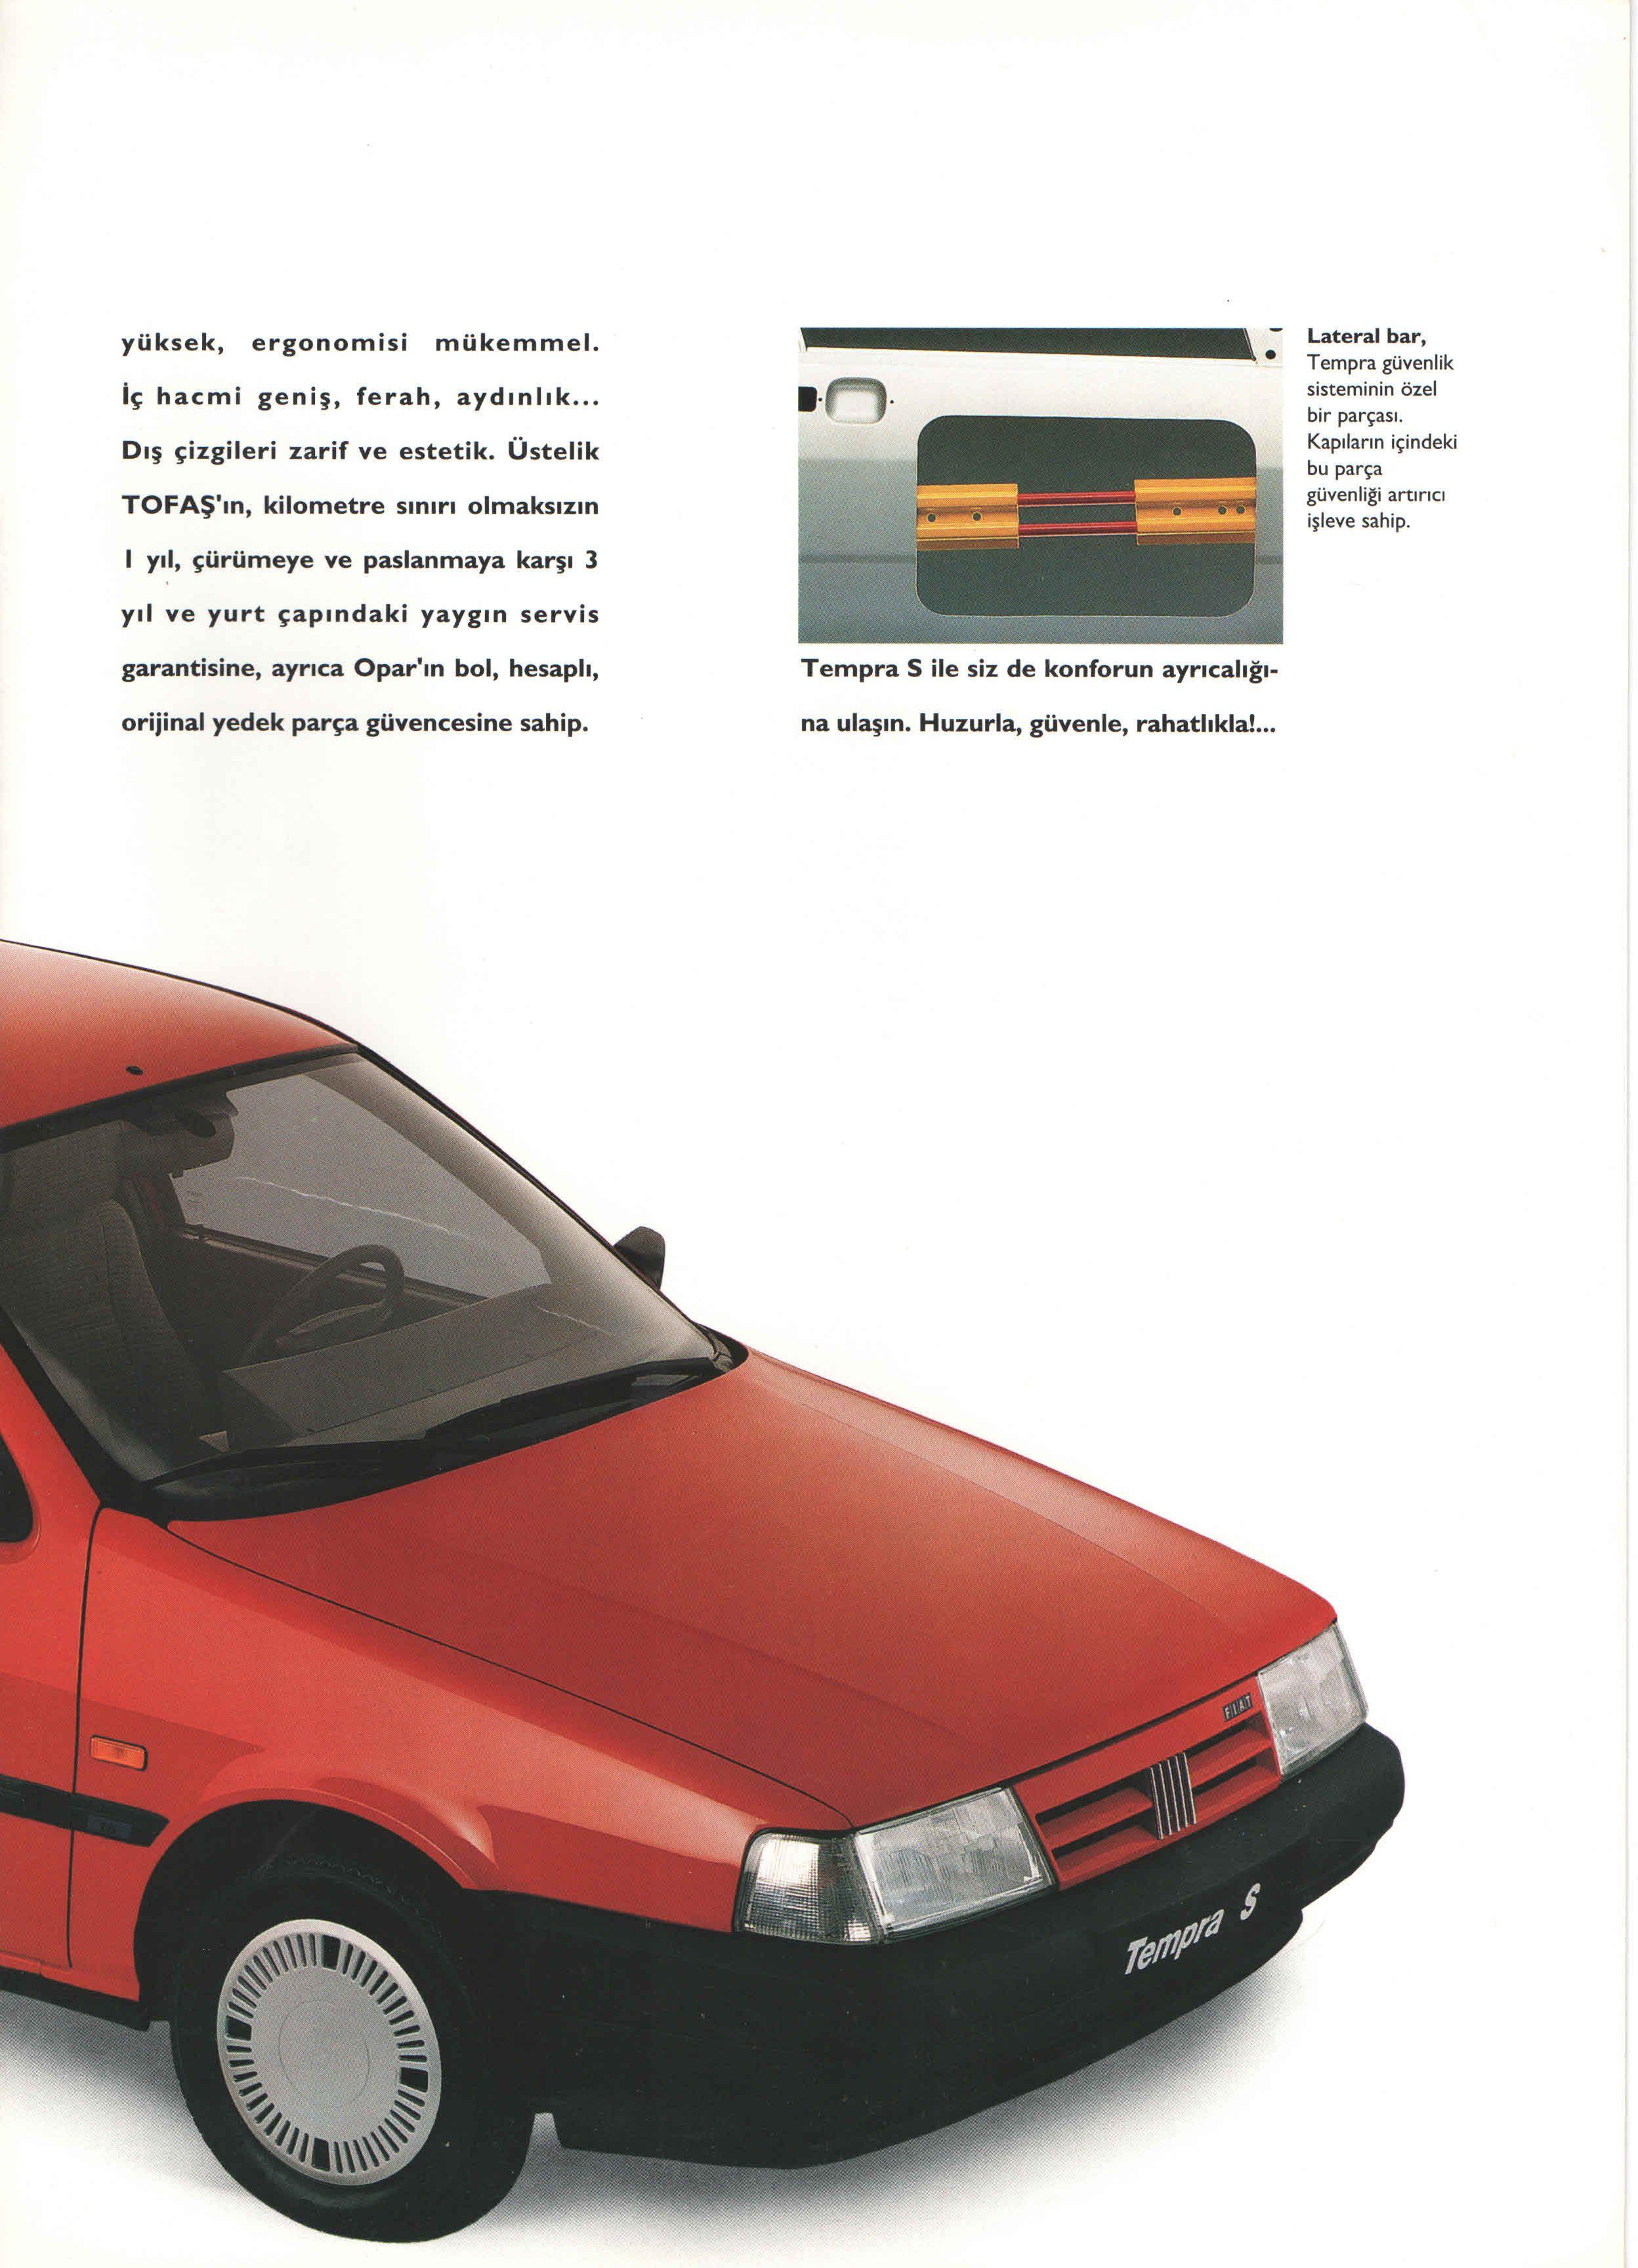 1993 fiat tempra s turkish catalog page 3/4 - 1993 fiat tempra s